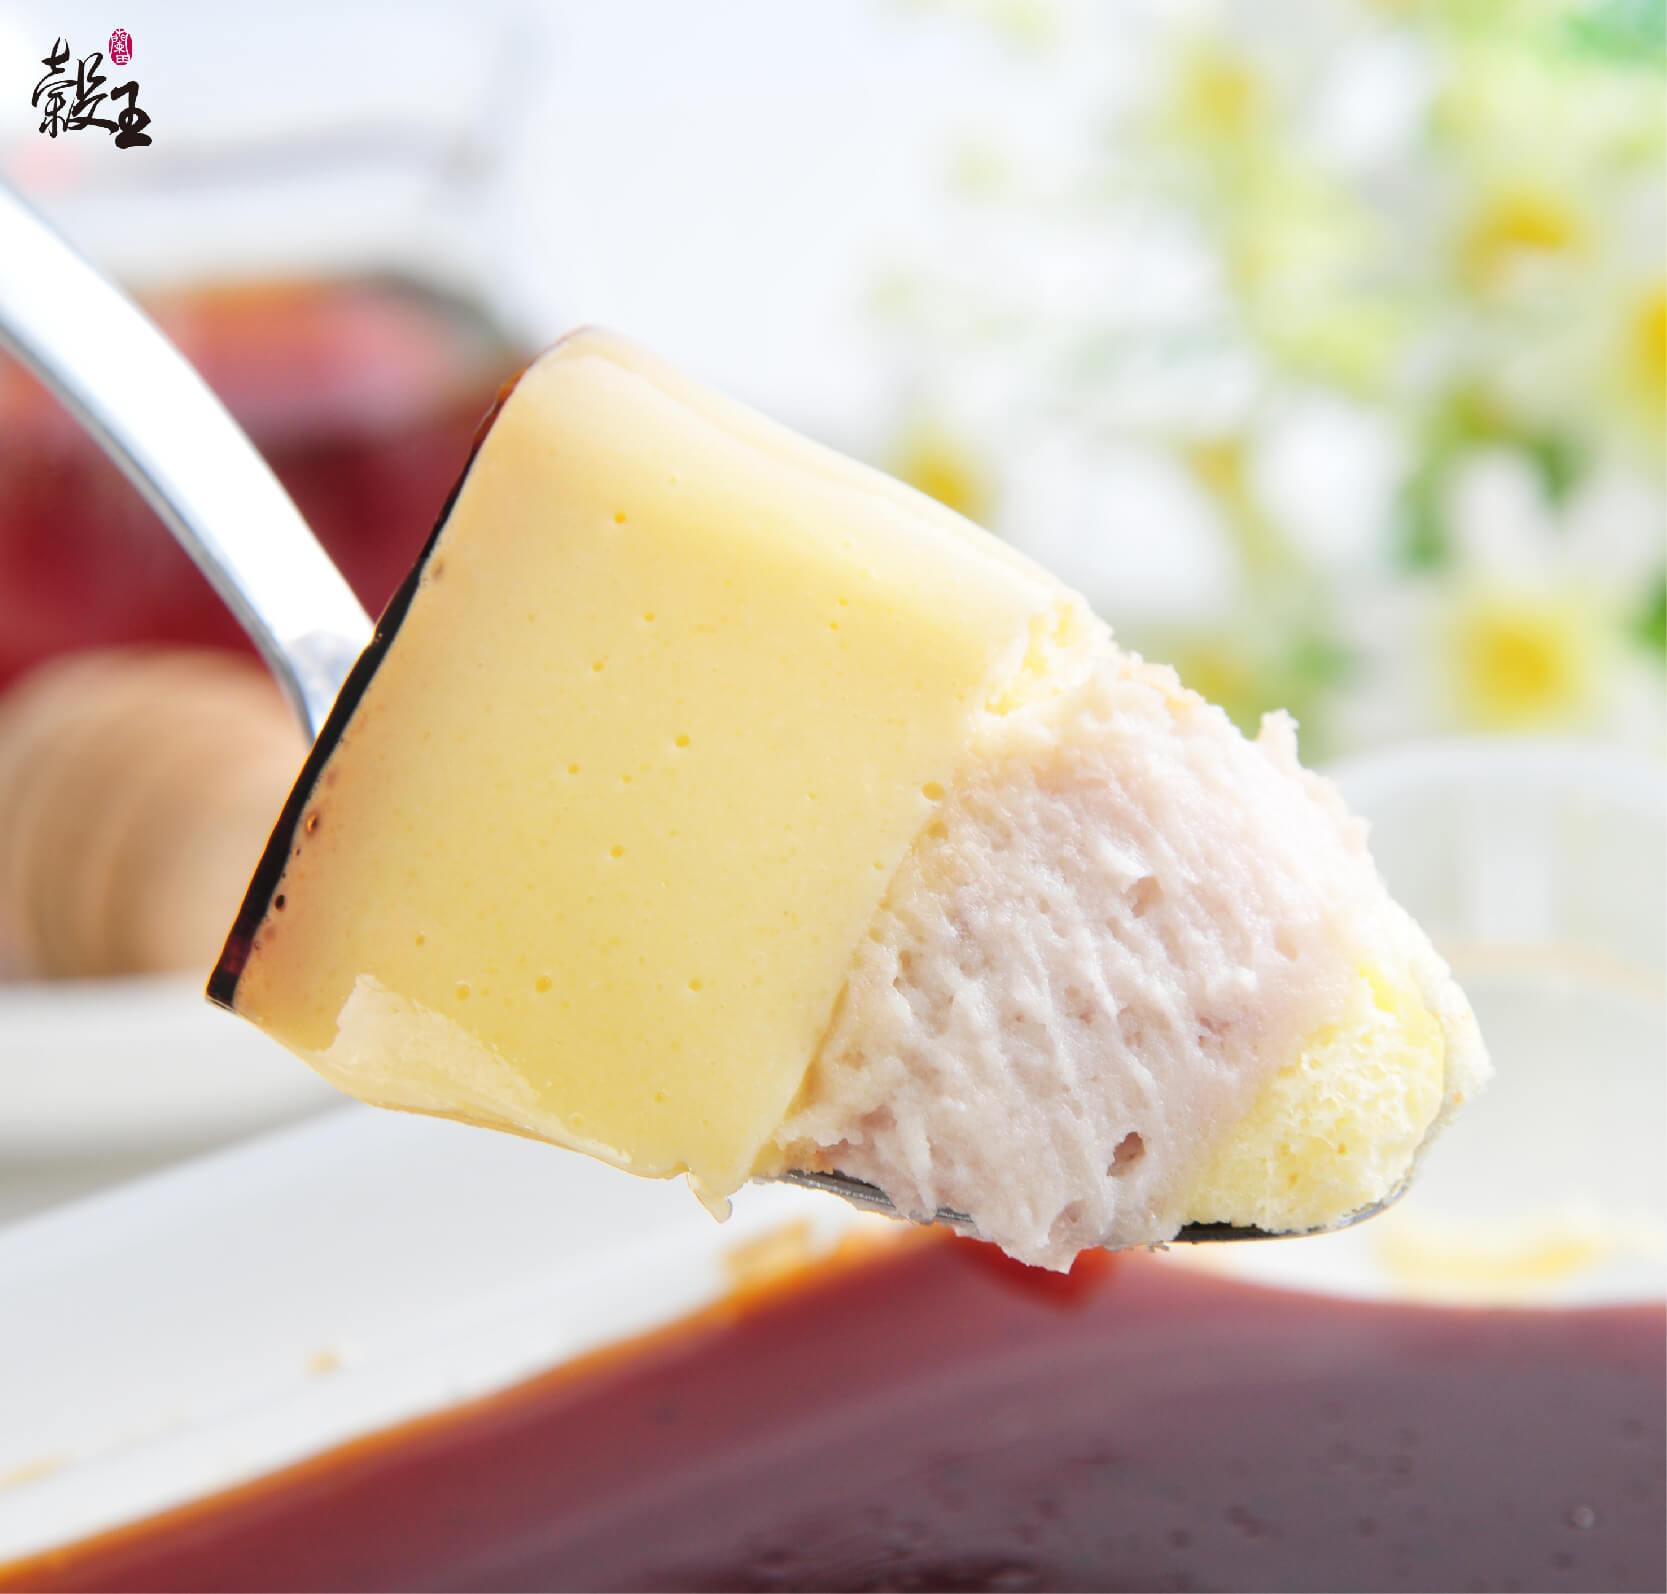 蘭田穀王烘焙坊焦糖鮮芋布丁湯匙挖一口好吃照